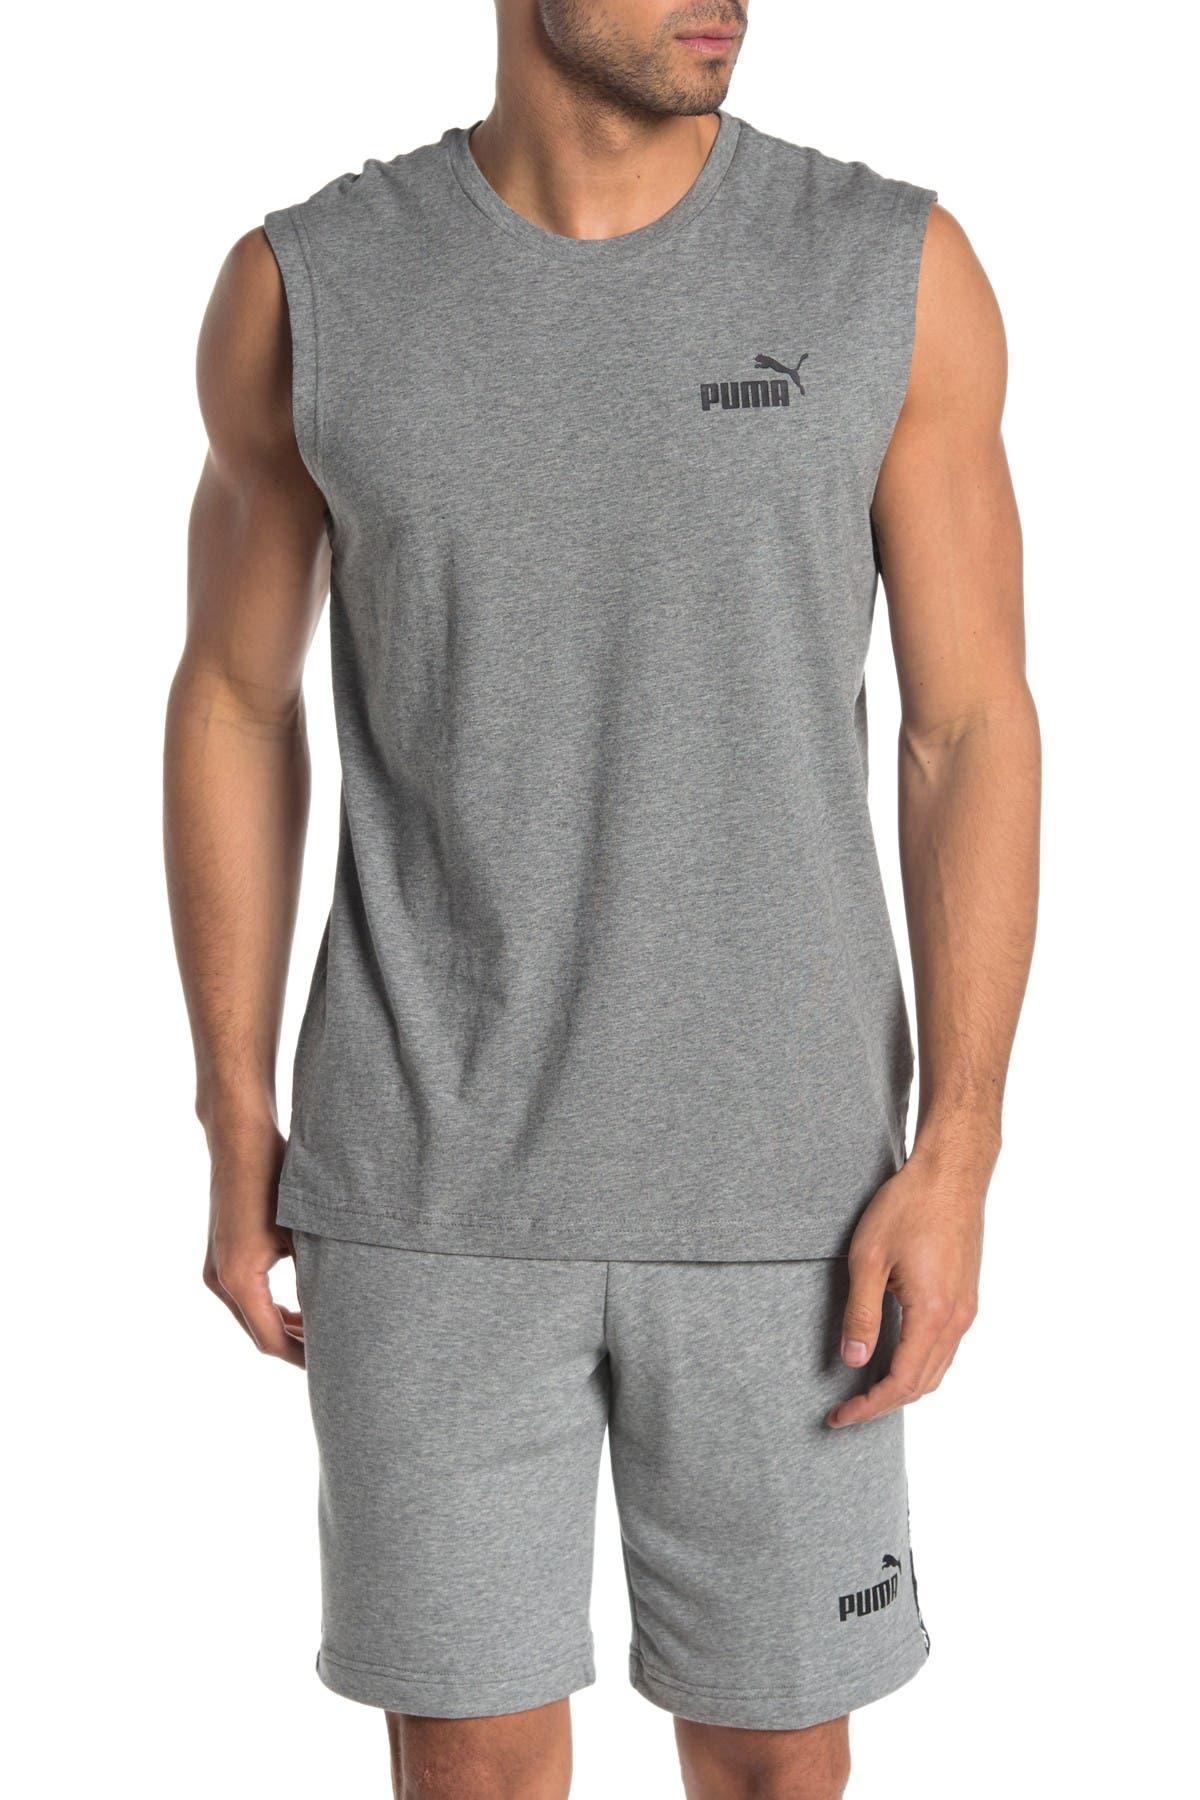 Image of PUMA Logo Muscle Tank